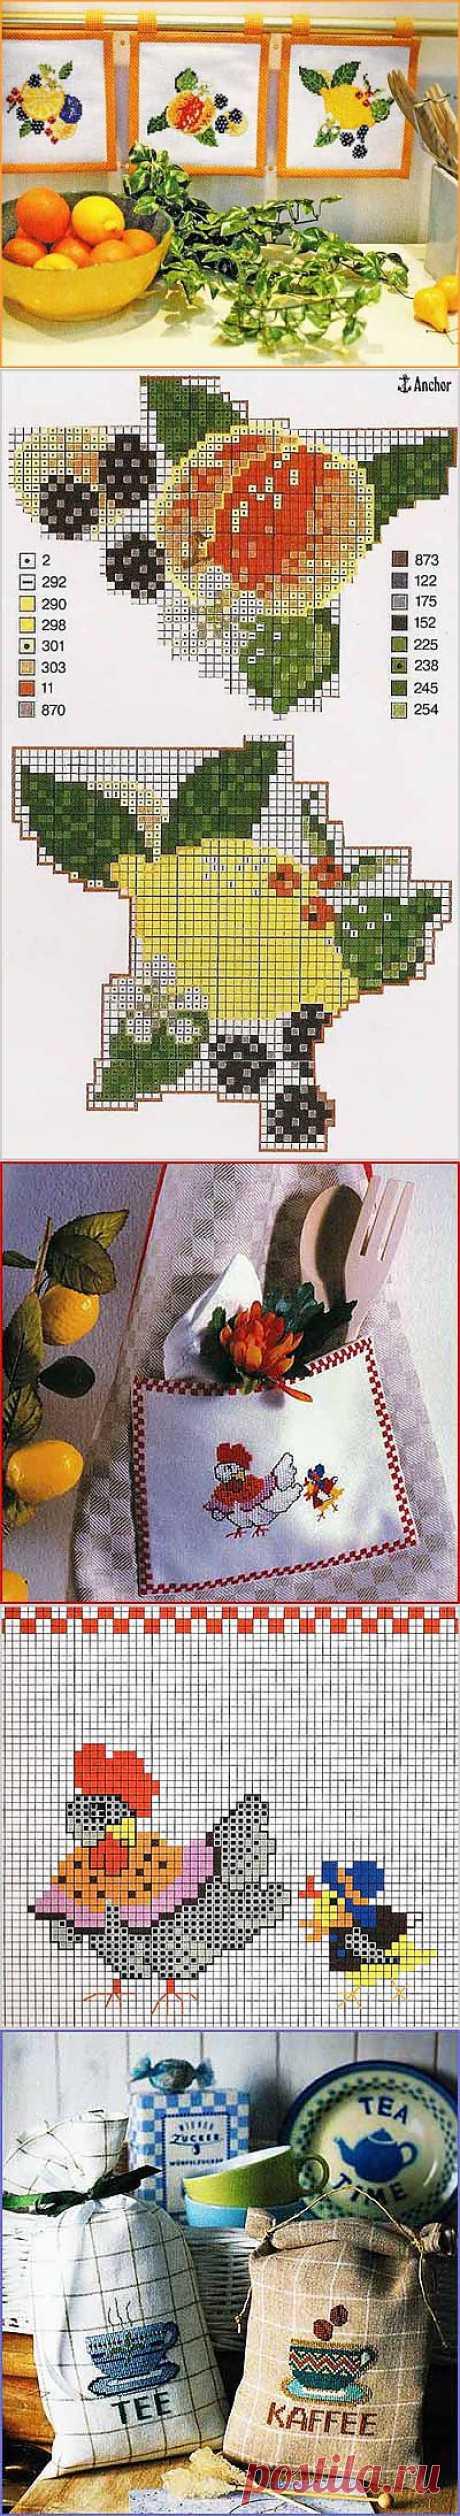 Вышивка крестом для кухни | Милые мелочи